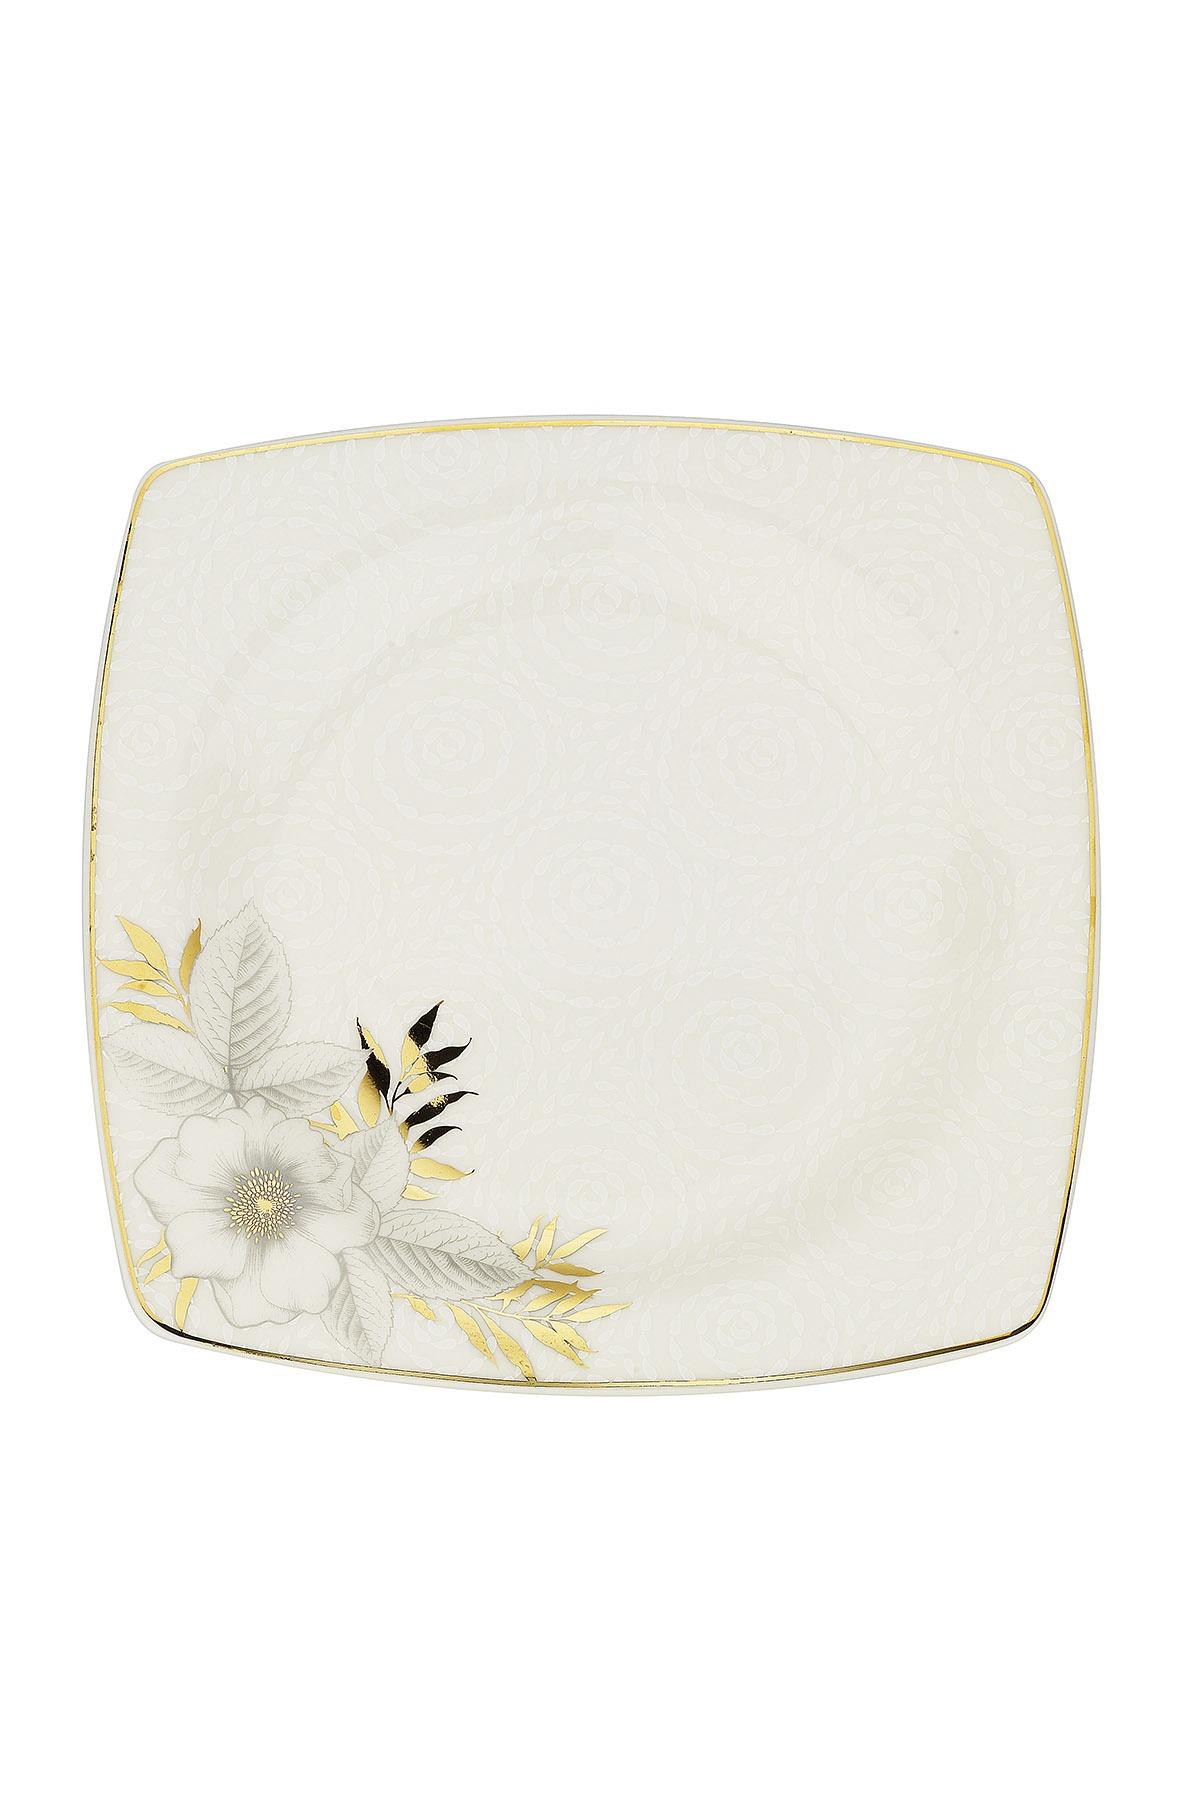 Kütahya Porselen Bone Mare 68 Parça 10364 Desenli Yemek Takımı